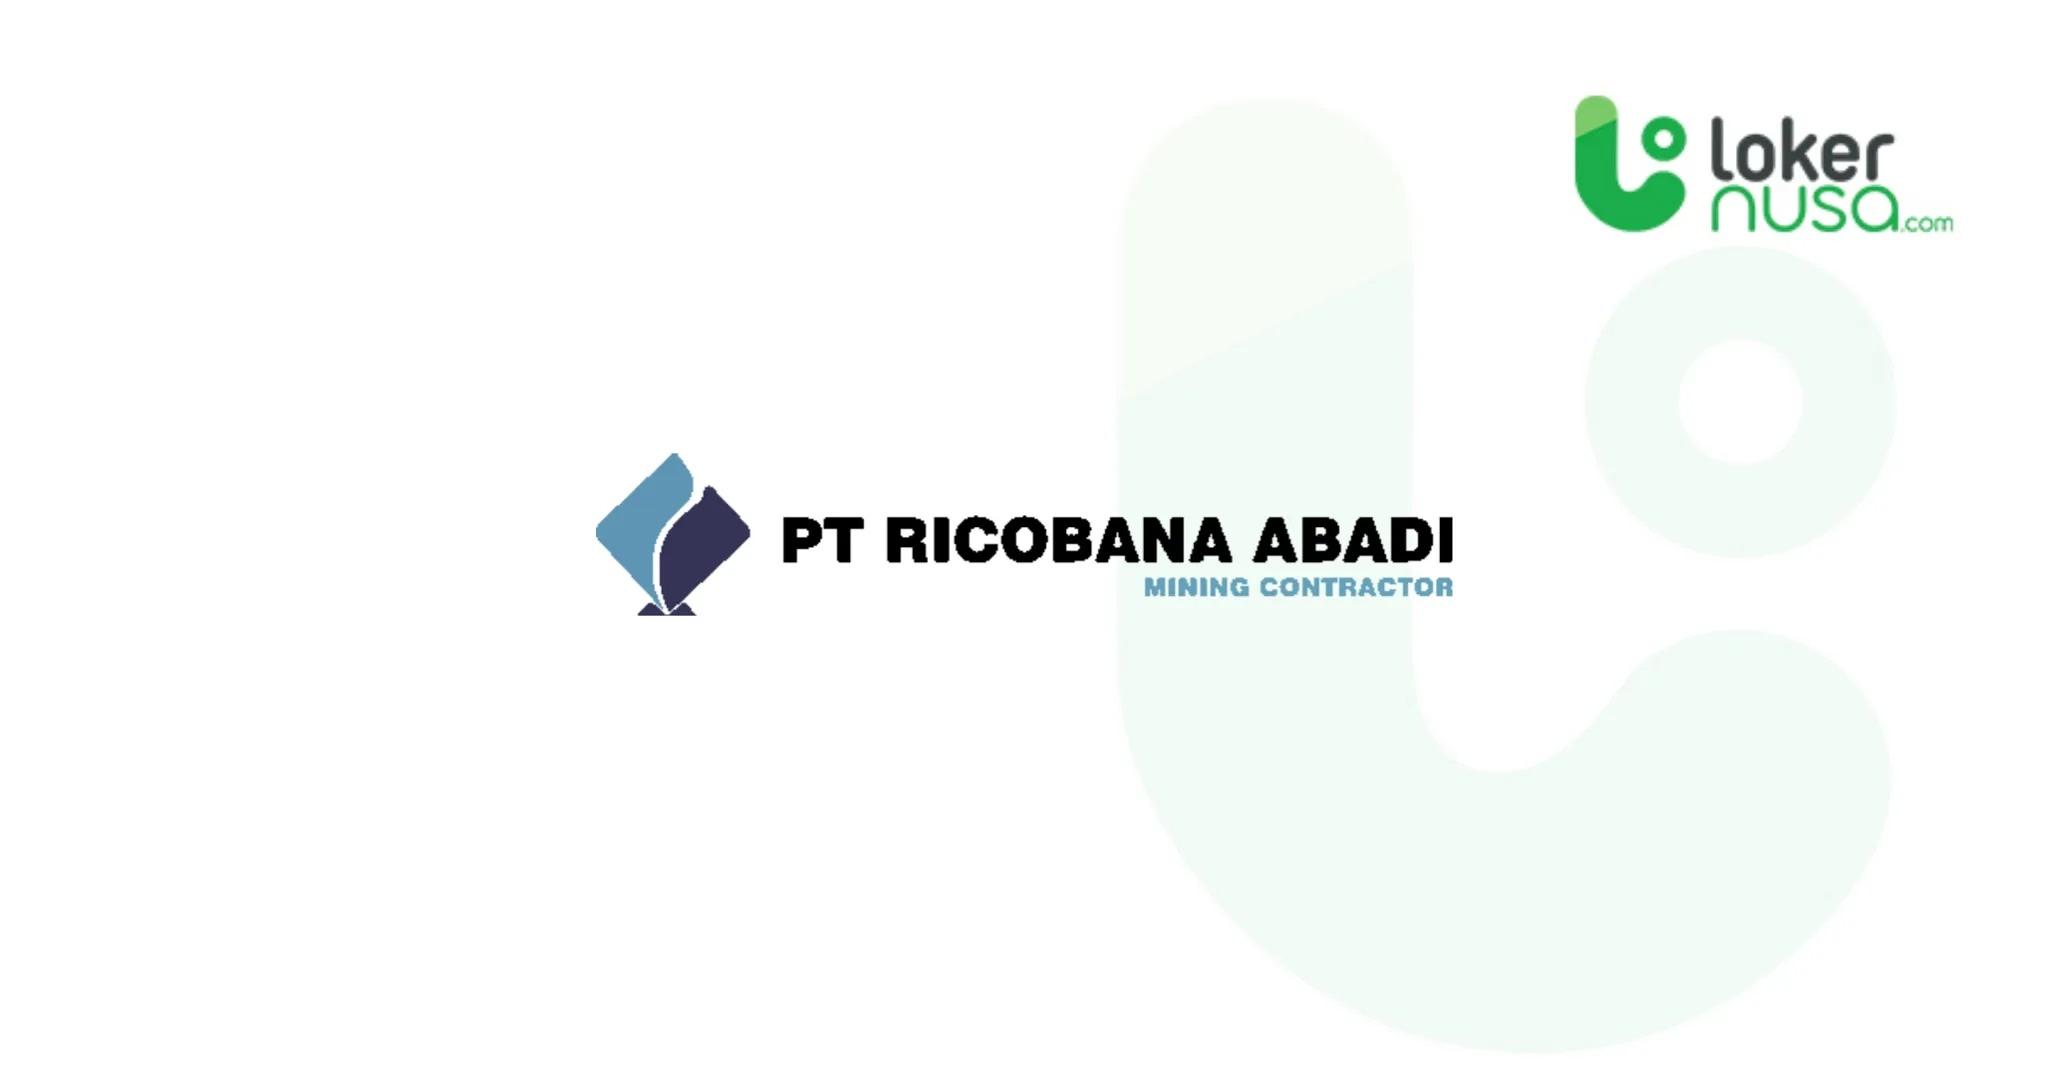 Lowongan kerja tambang terbaru kali ini berasal dari perusahaan PT Ricobana Abadi.